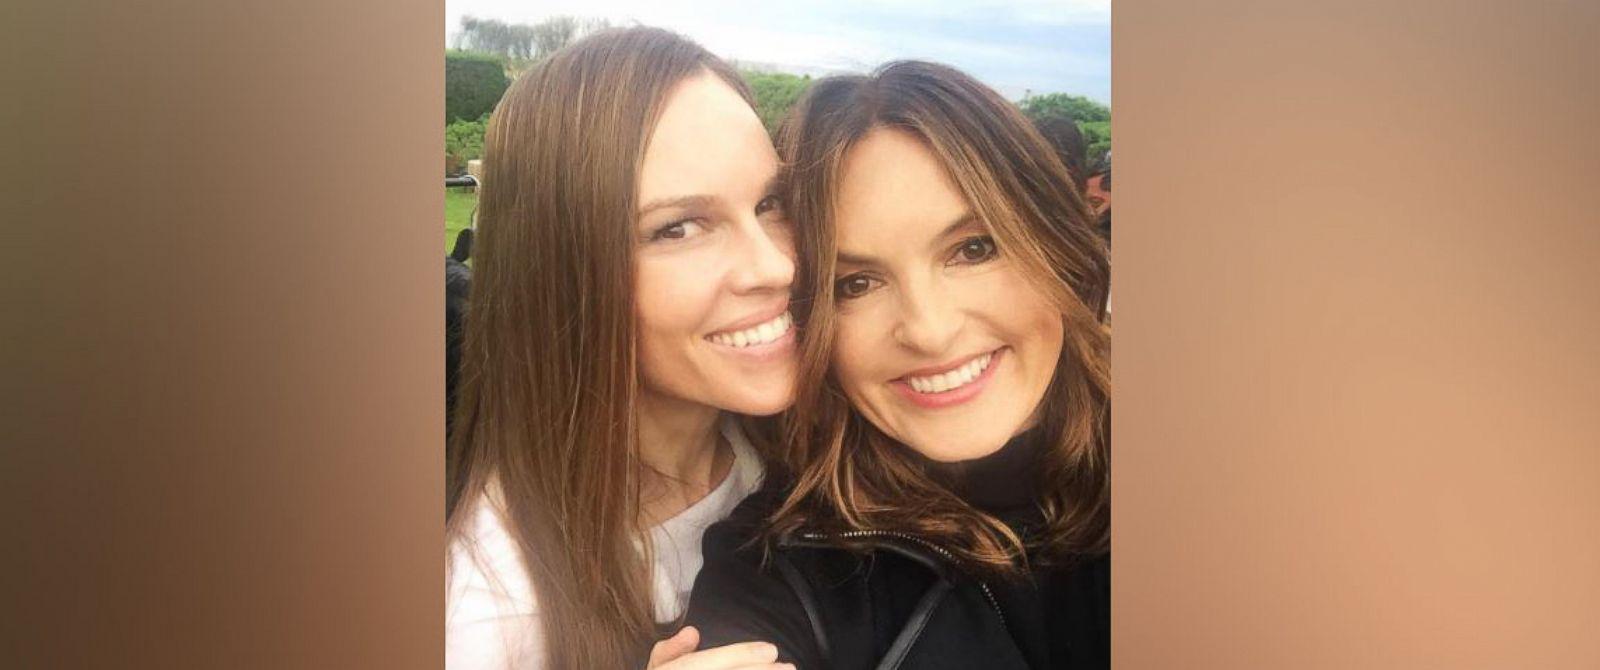 Celebrities enjoy luxe Memorial Day weekend vacations ...